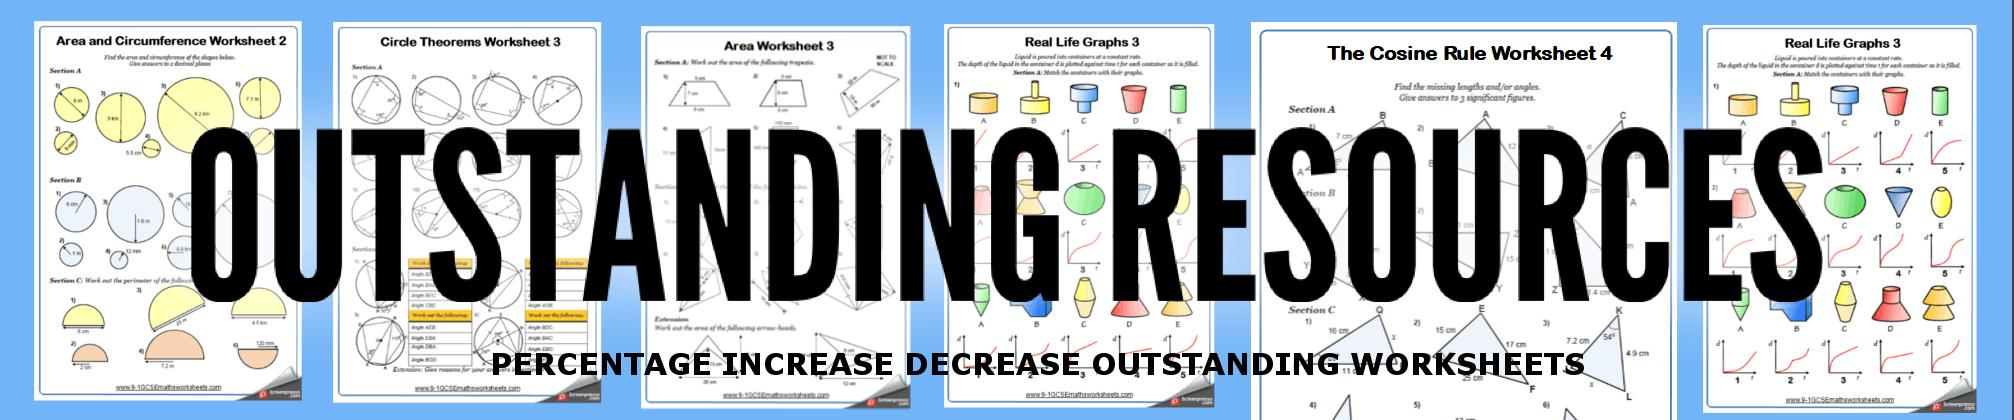 percentage increase decrease worksheets